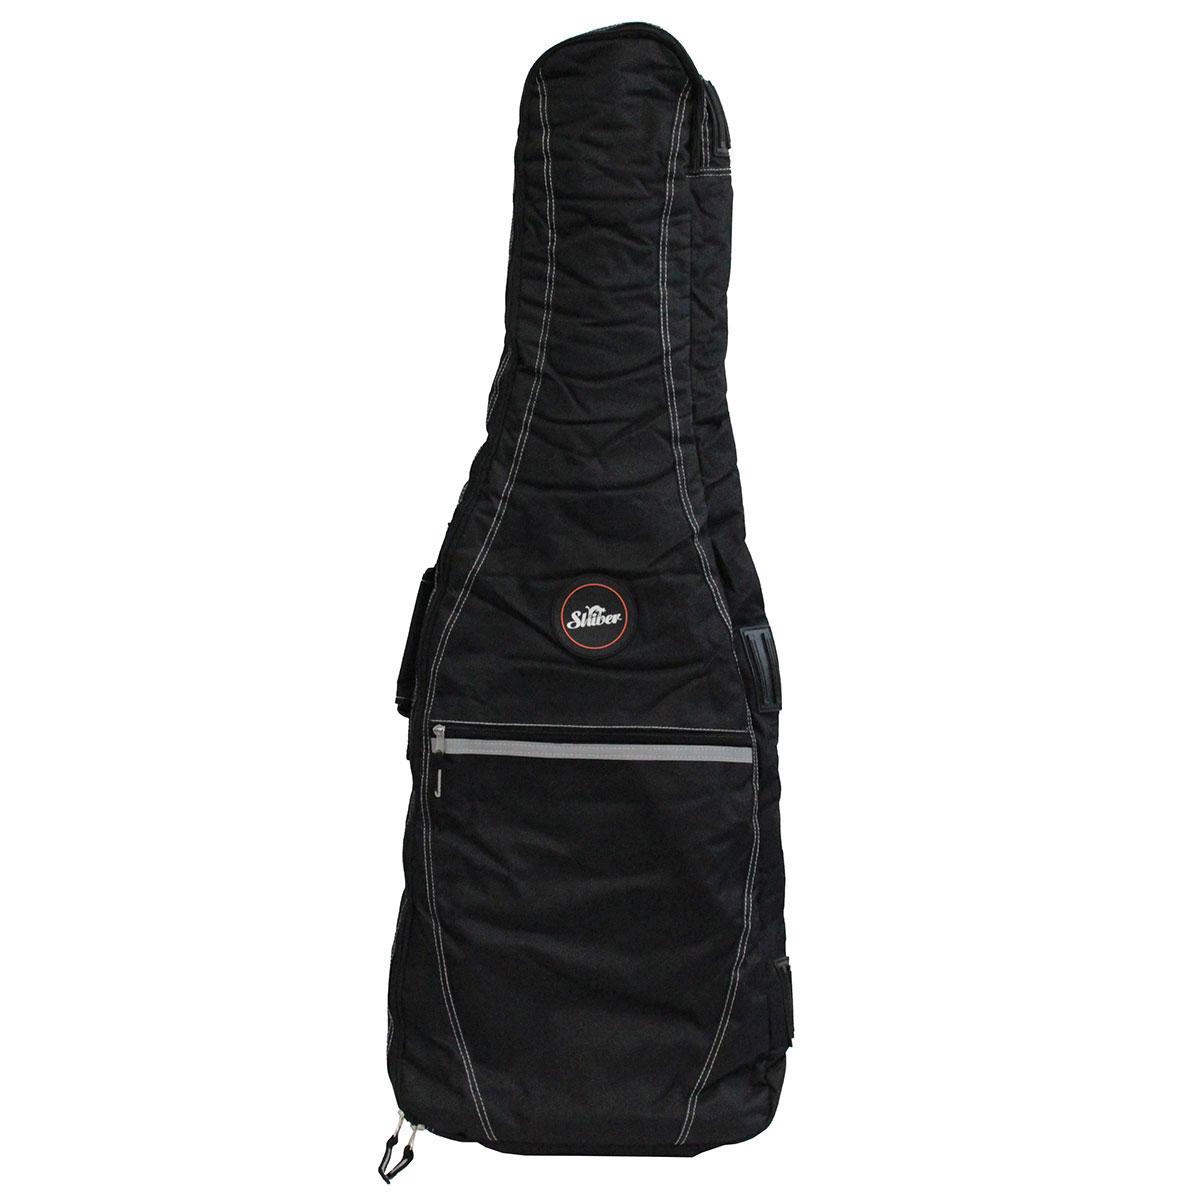 Shiver - Housse guitare électrique standard